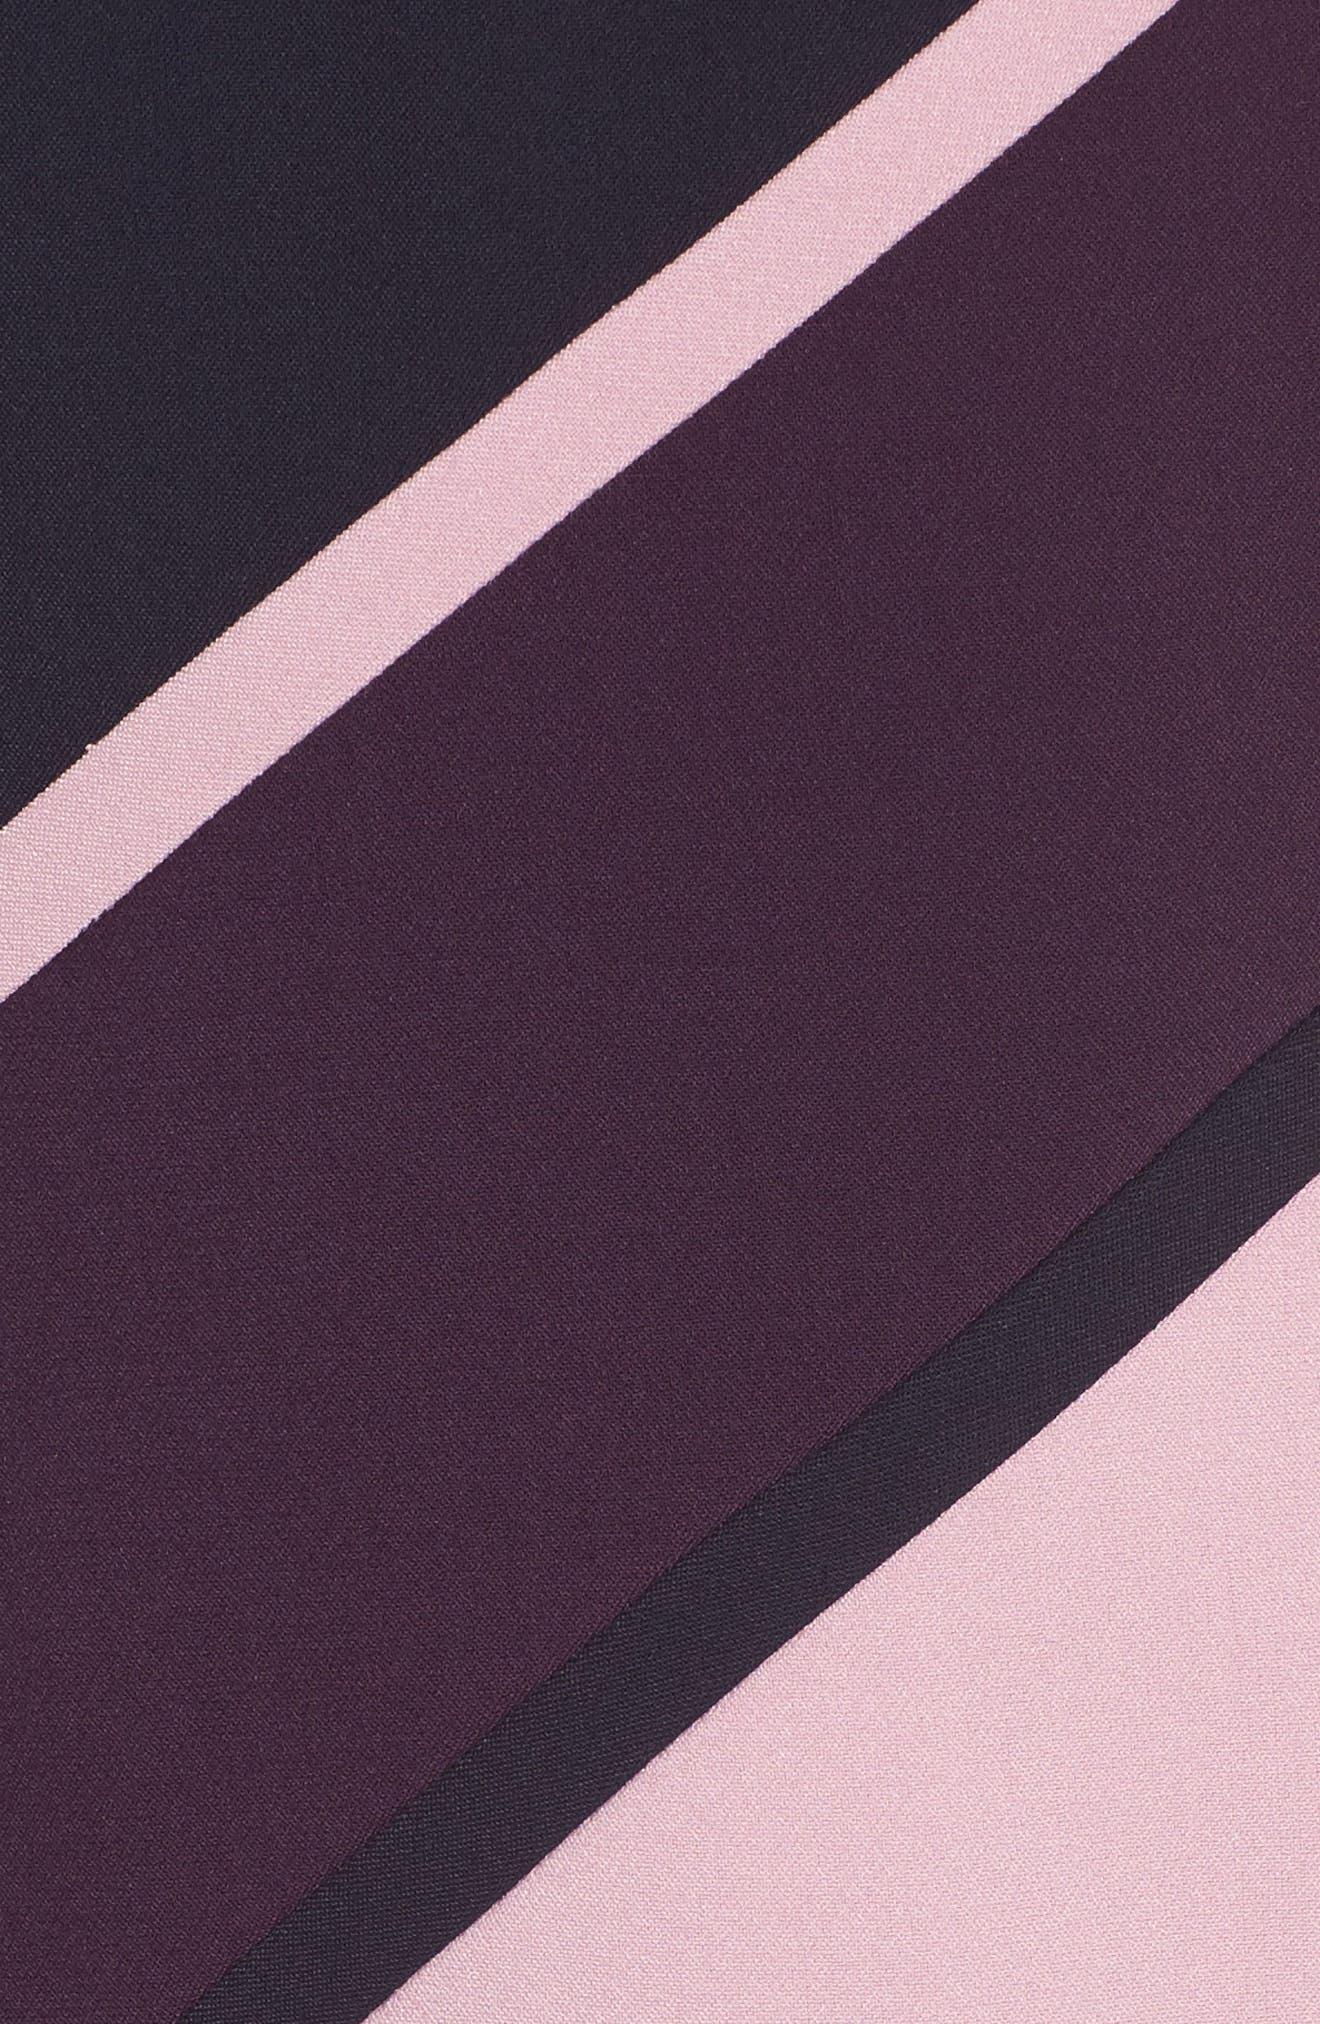 Dukatia Colorblock Sheath Dress,                             Alternate thumbnail 5, color,                             502